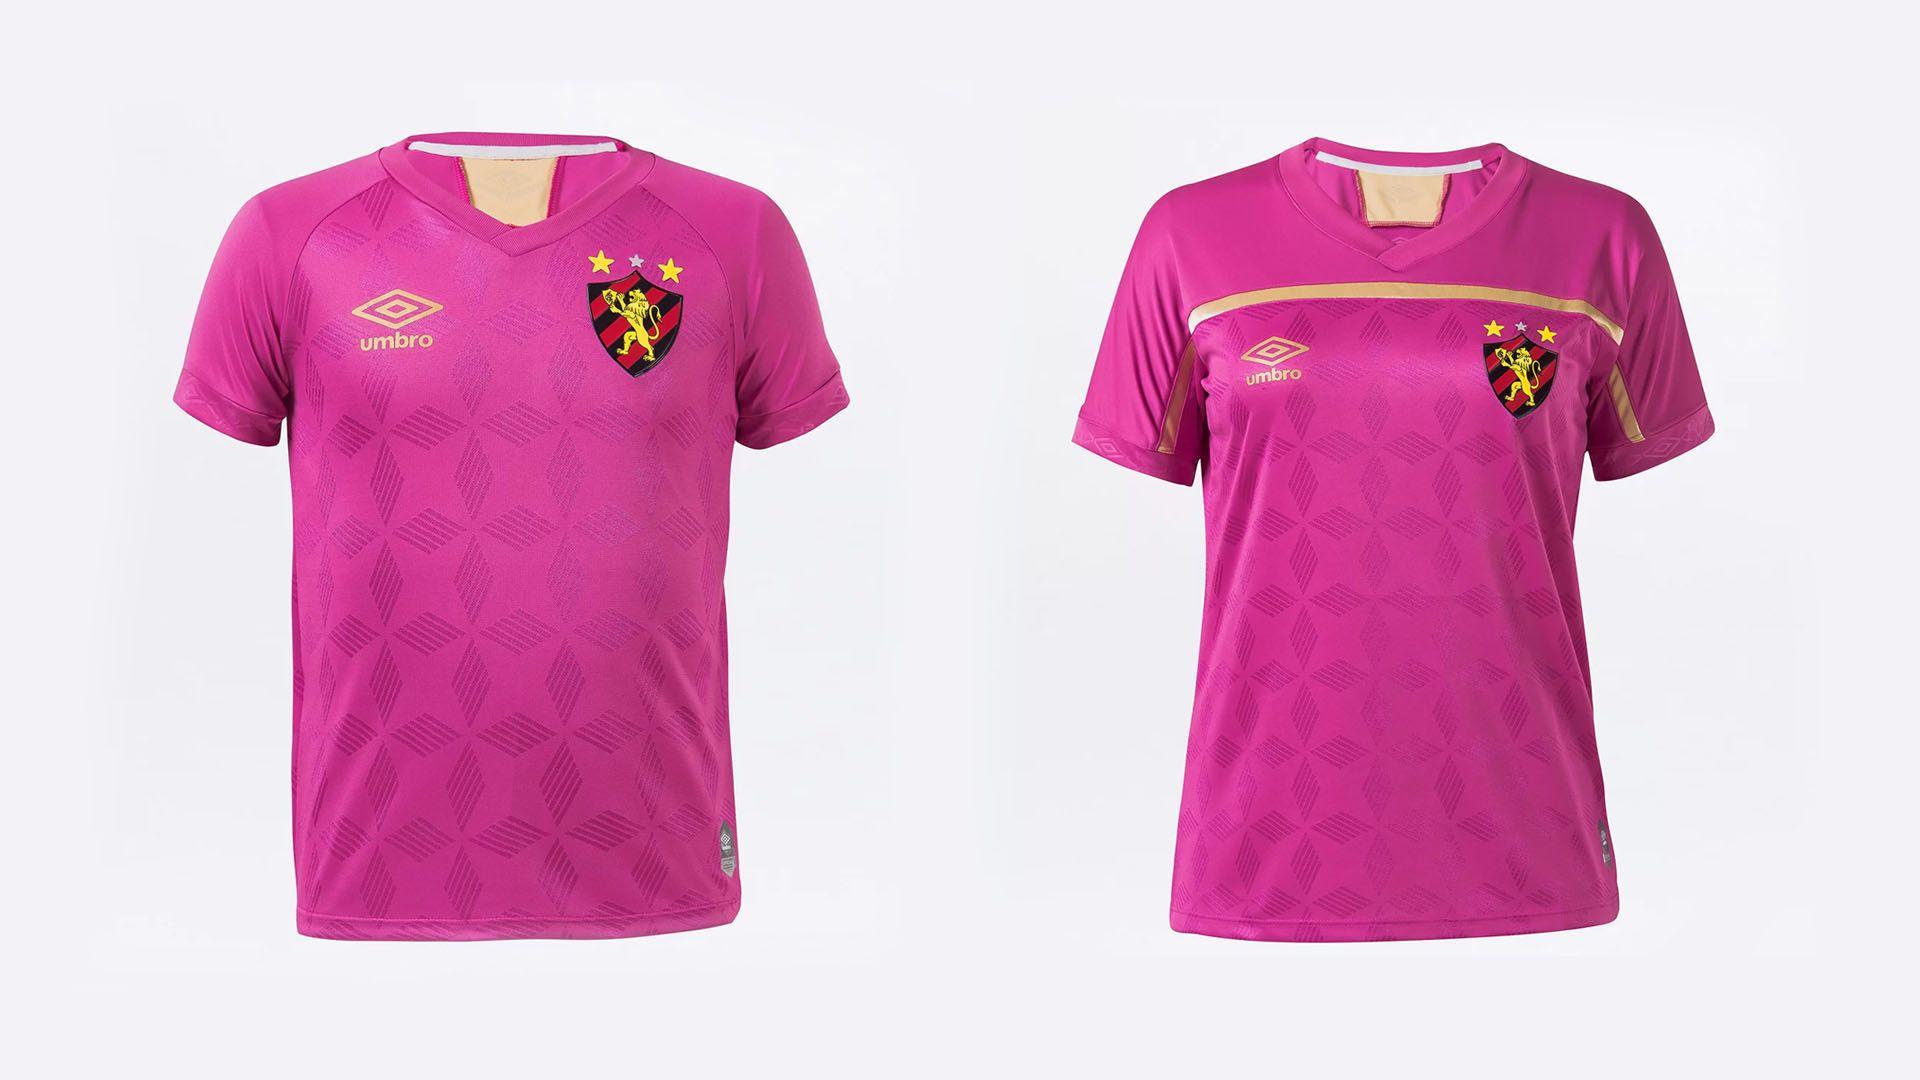 Camisa do Sport 2020 Umbro Outubro Rosa (Imagem: Divulgação/Umbro)